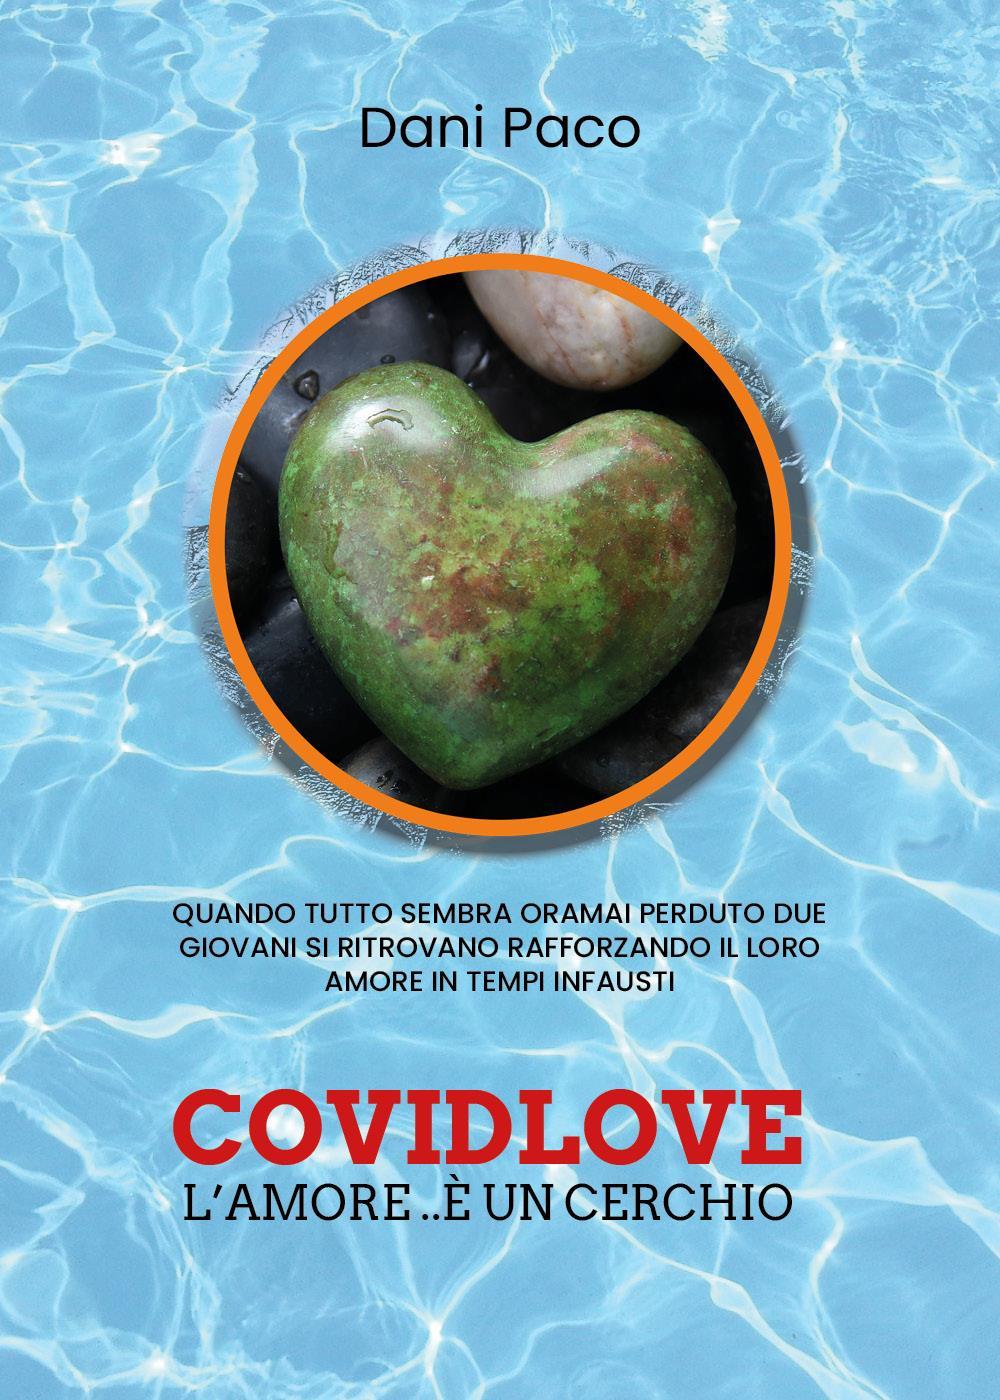 Covidlove l'Amore..è un cerchio